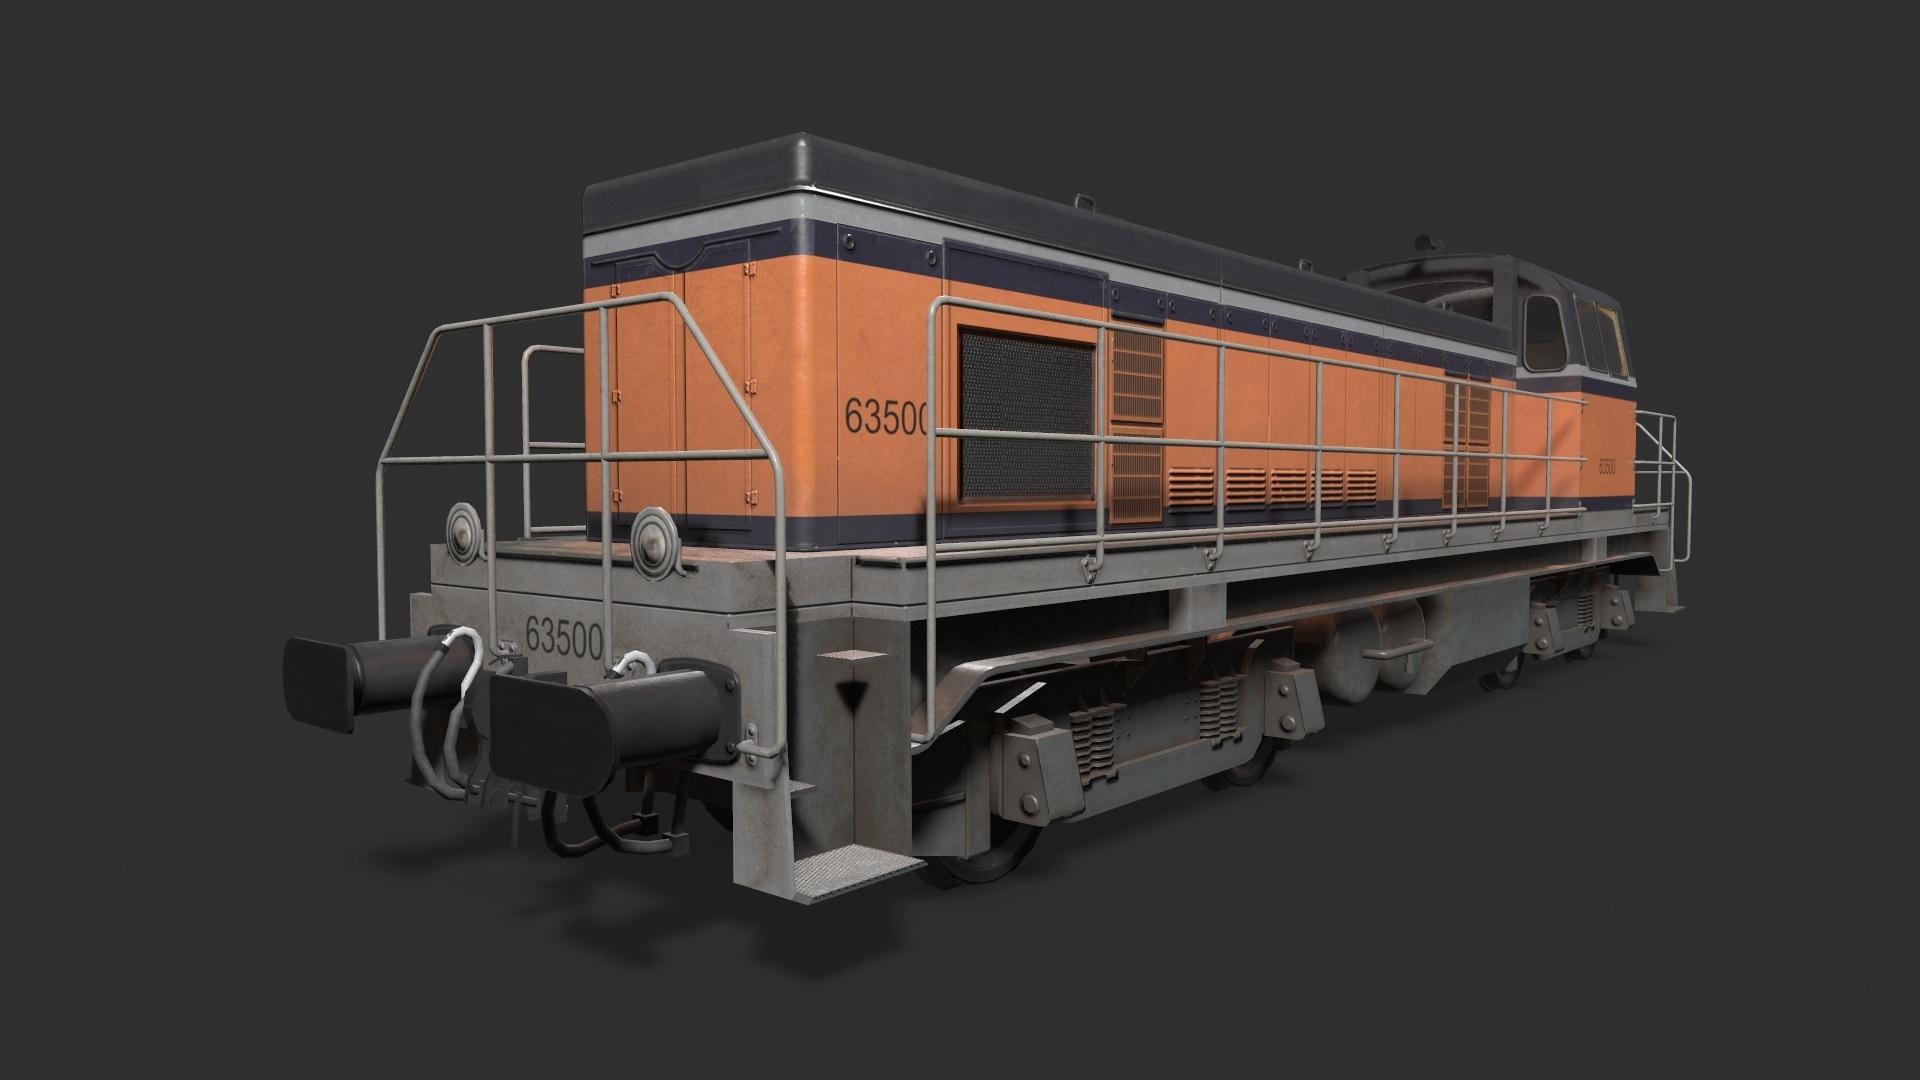 SNCF_BB63500_4.thumb.jpg.ae69cdb6fc273d210efdf31450fdb3e9.jpg